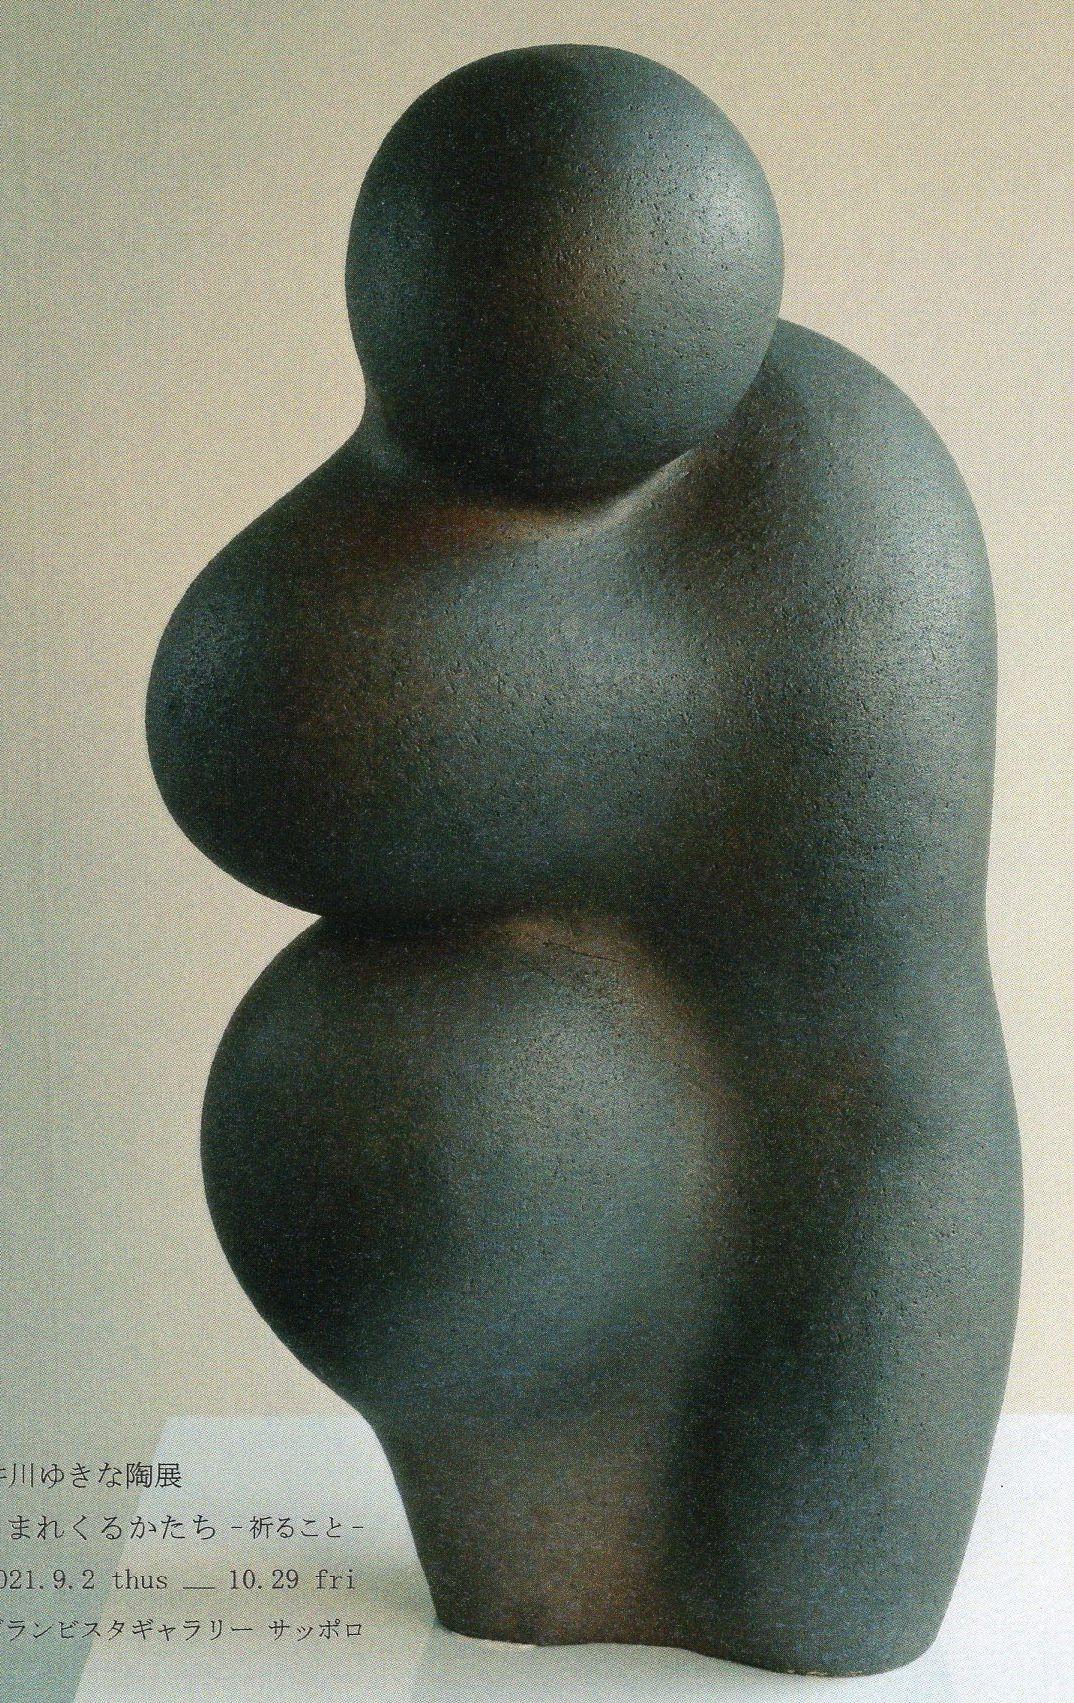 井川ゆきな 陶展 「うまれくるかたち-祈ること-」 イメージ画像